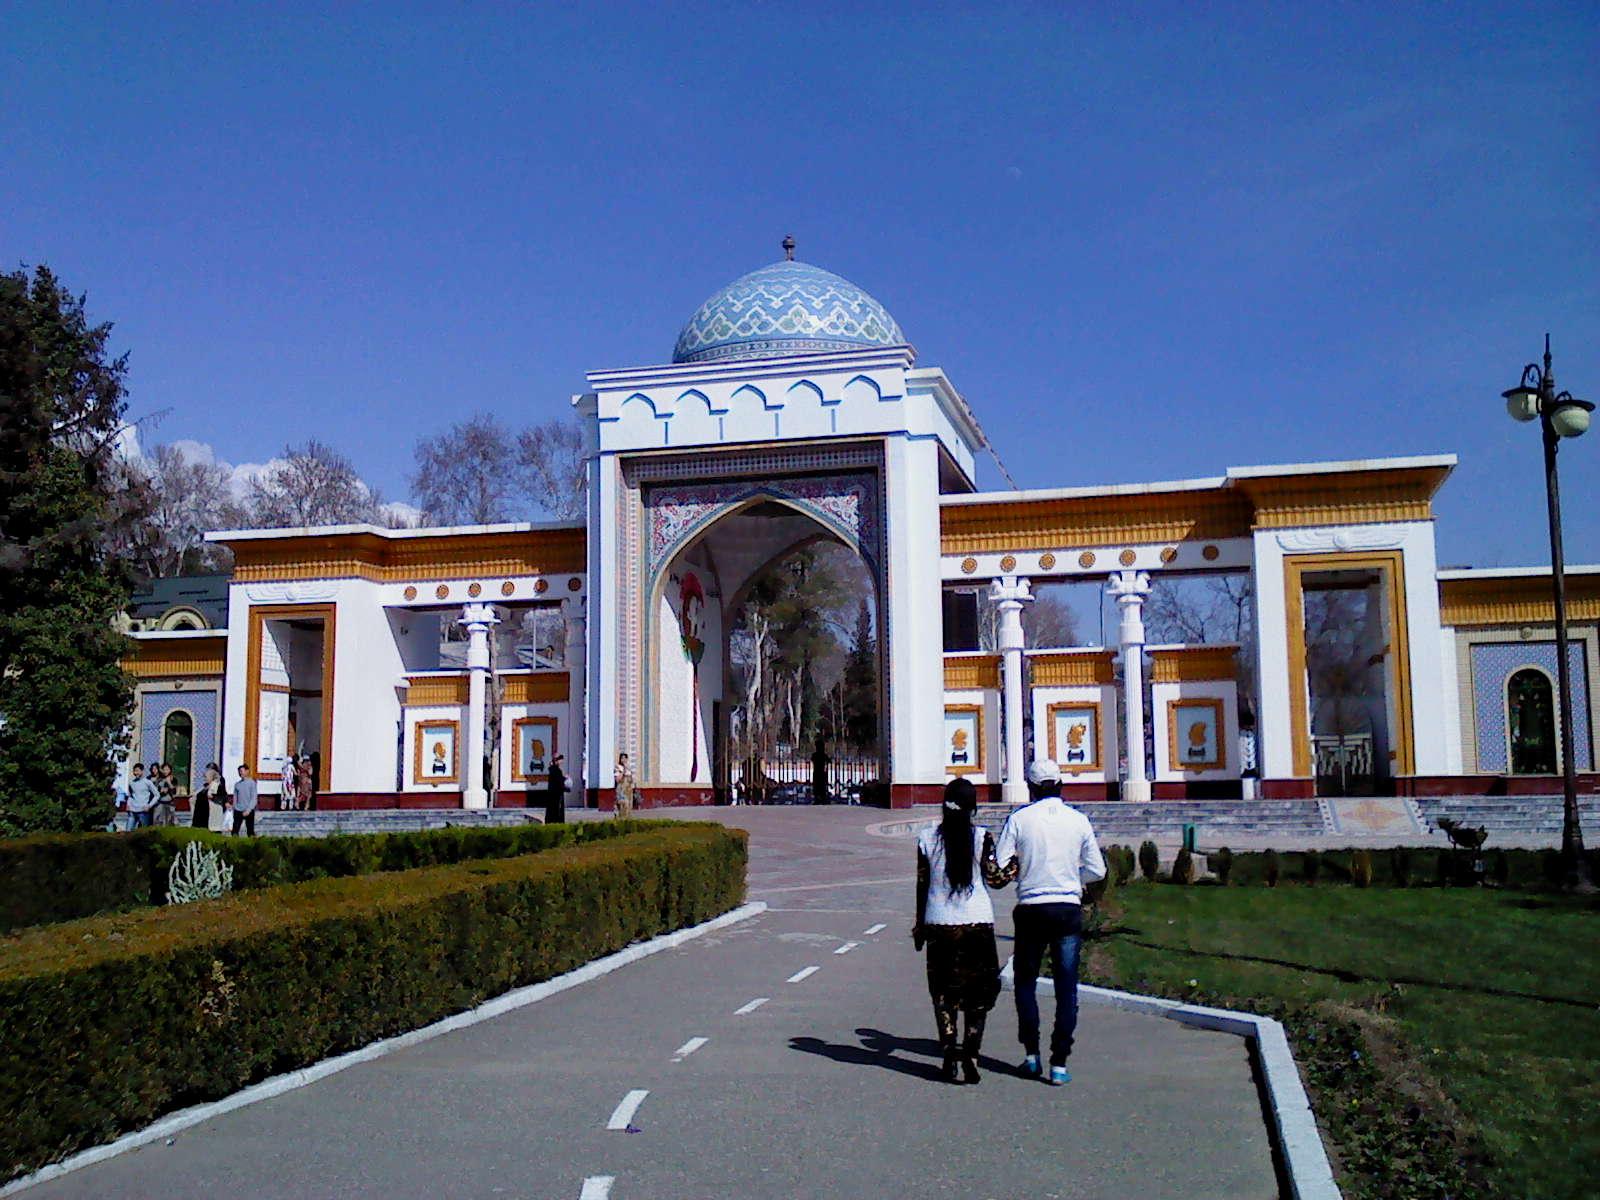 уже приготовились фото город душанбе парк ботанический сад подобных видов натурального